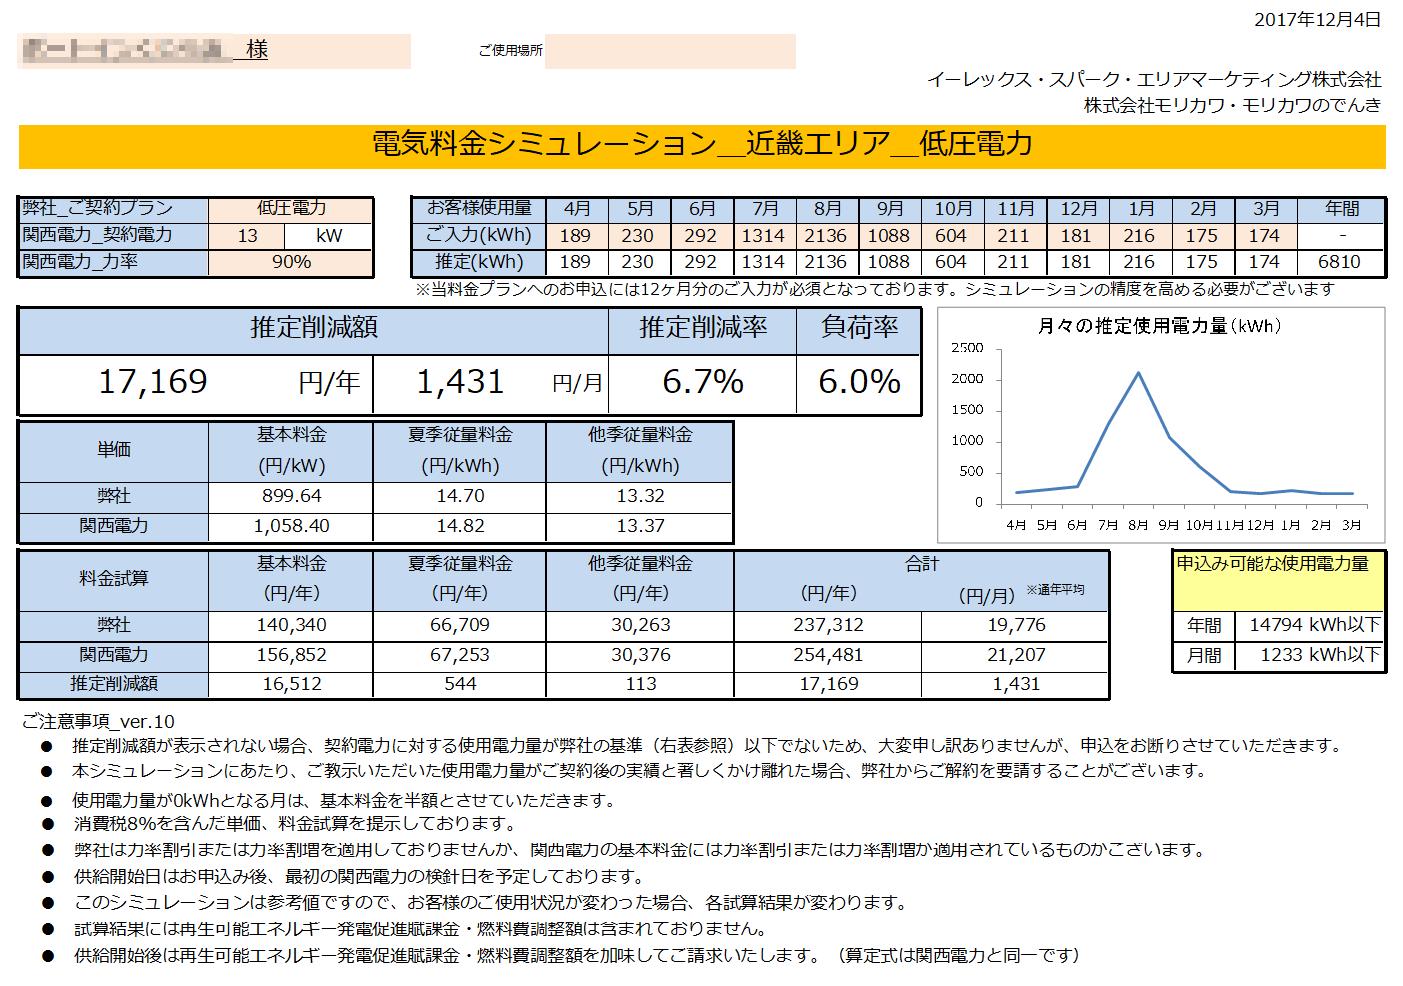 太地町B様 低圧電力 13kW契約 年間【17,169円】お得